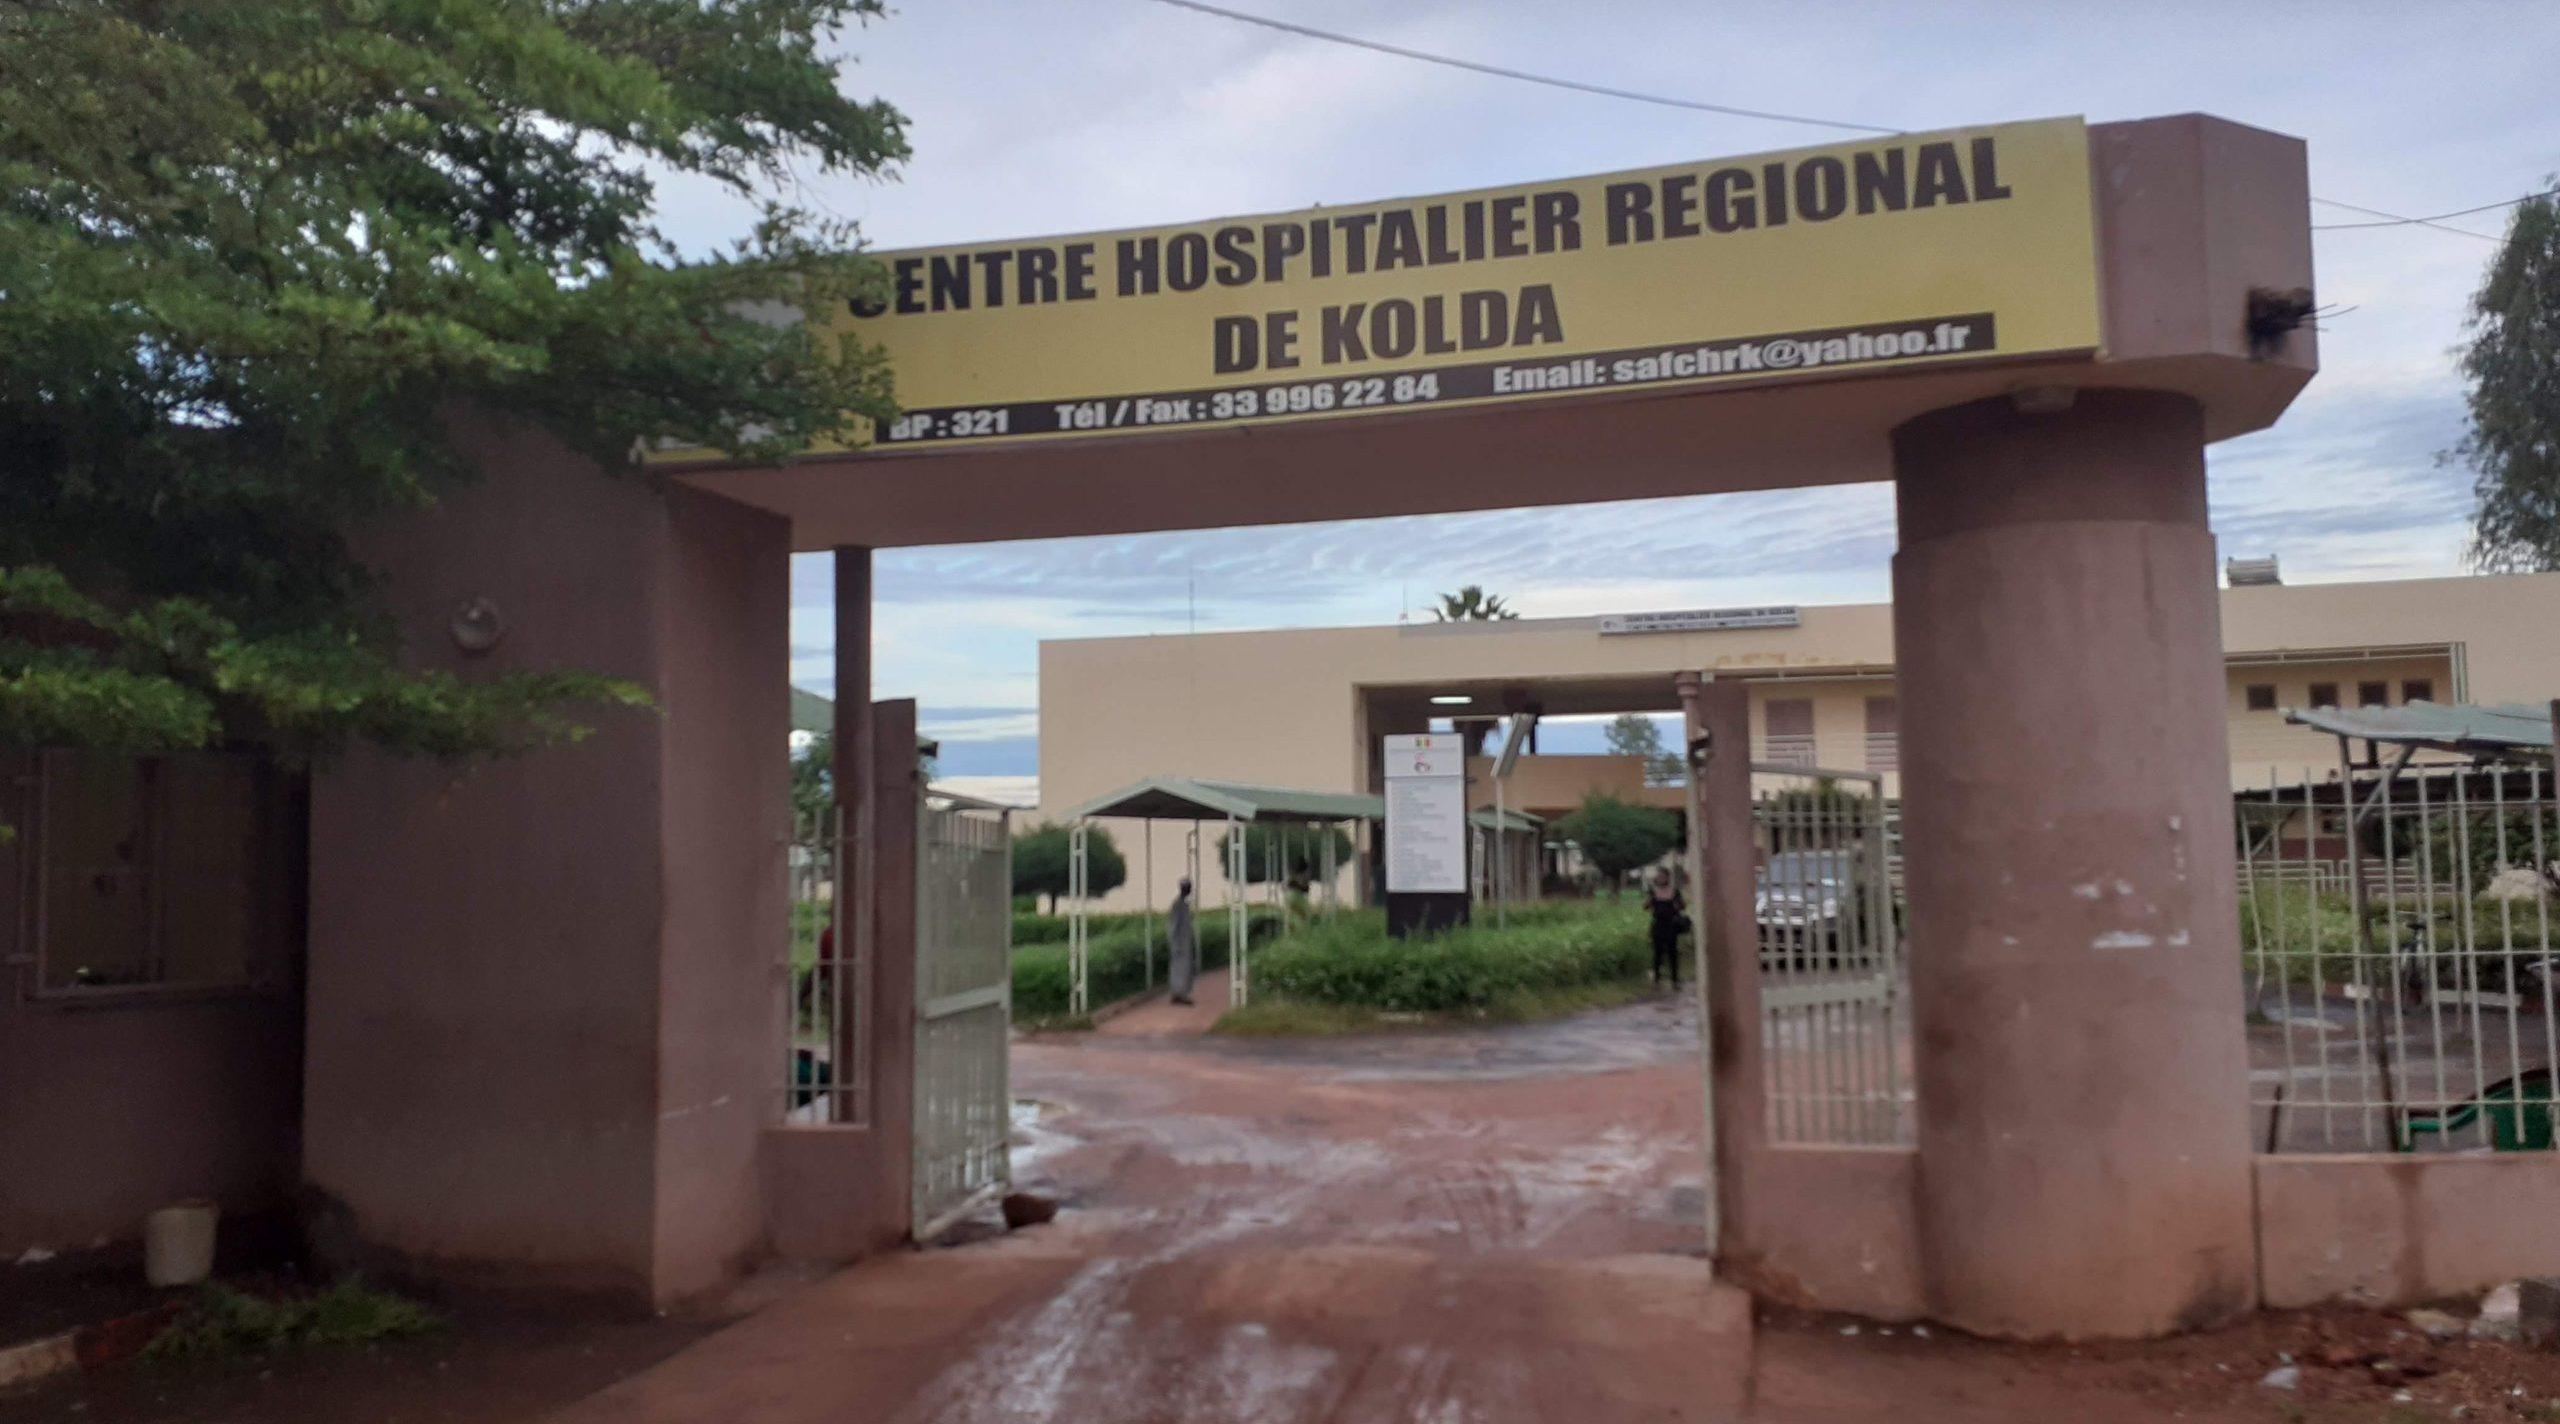 Kolda : L'hôpital régional agonise